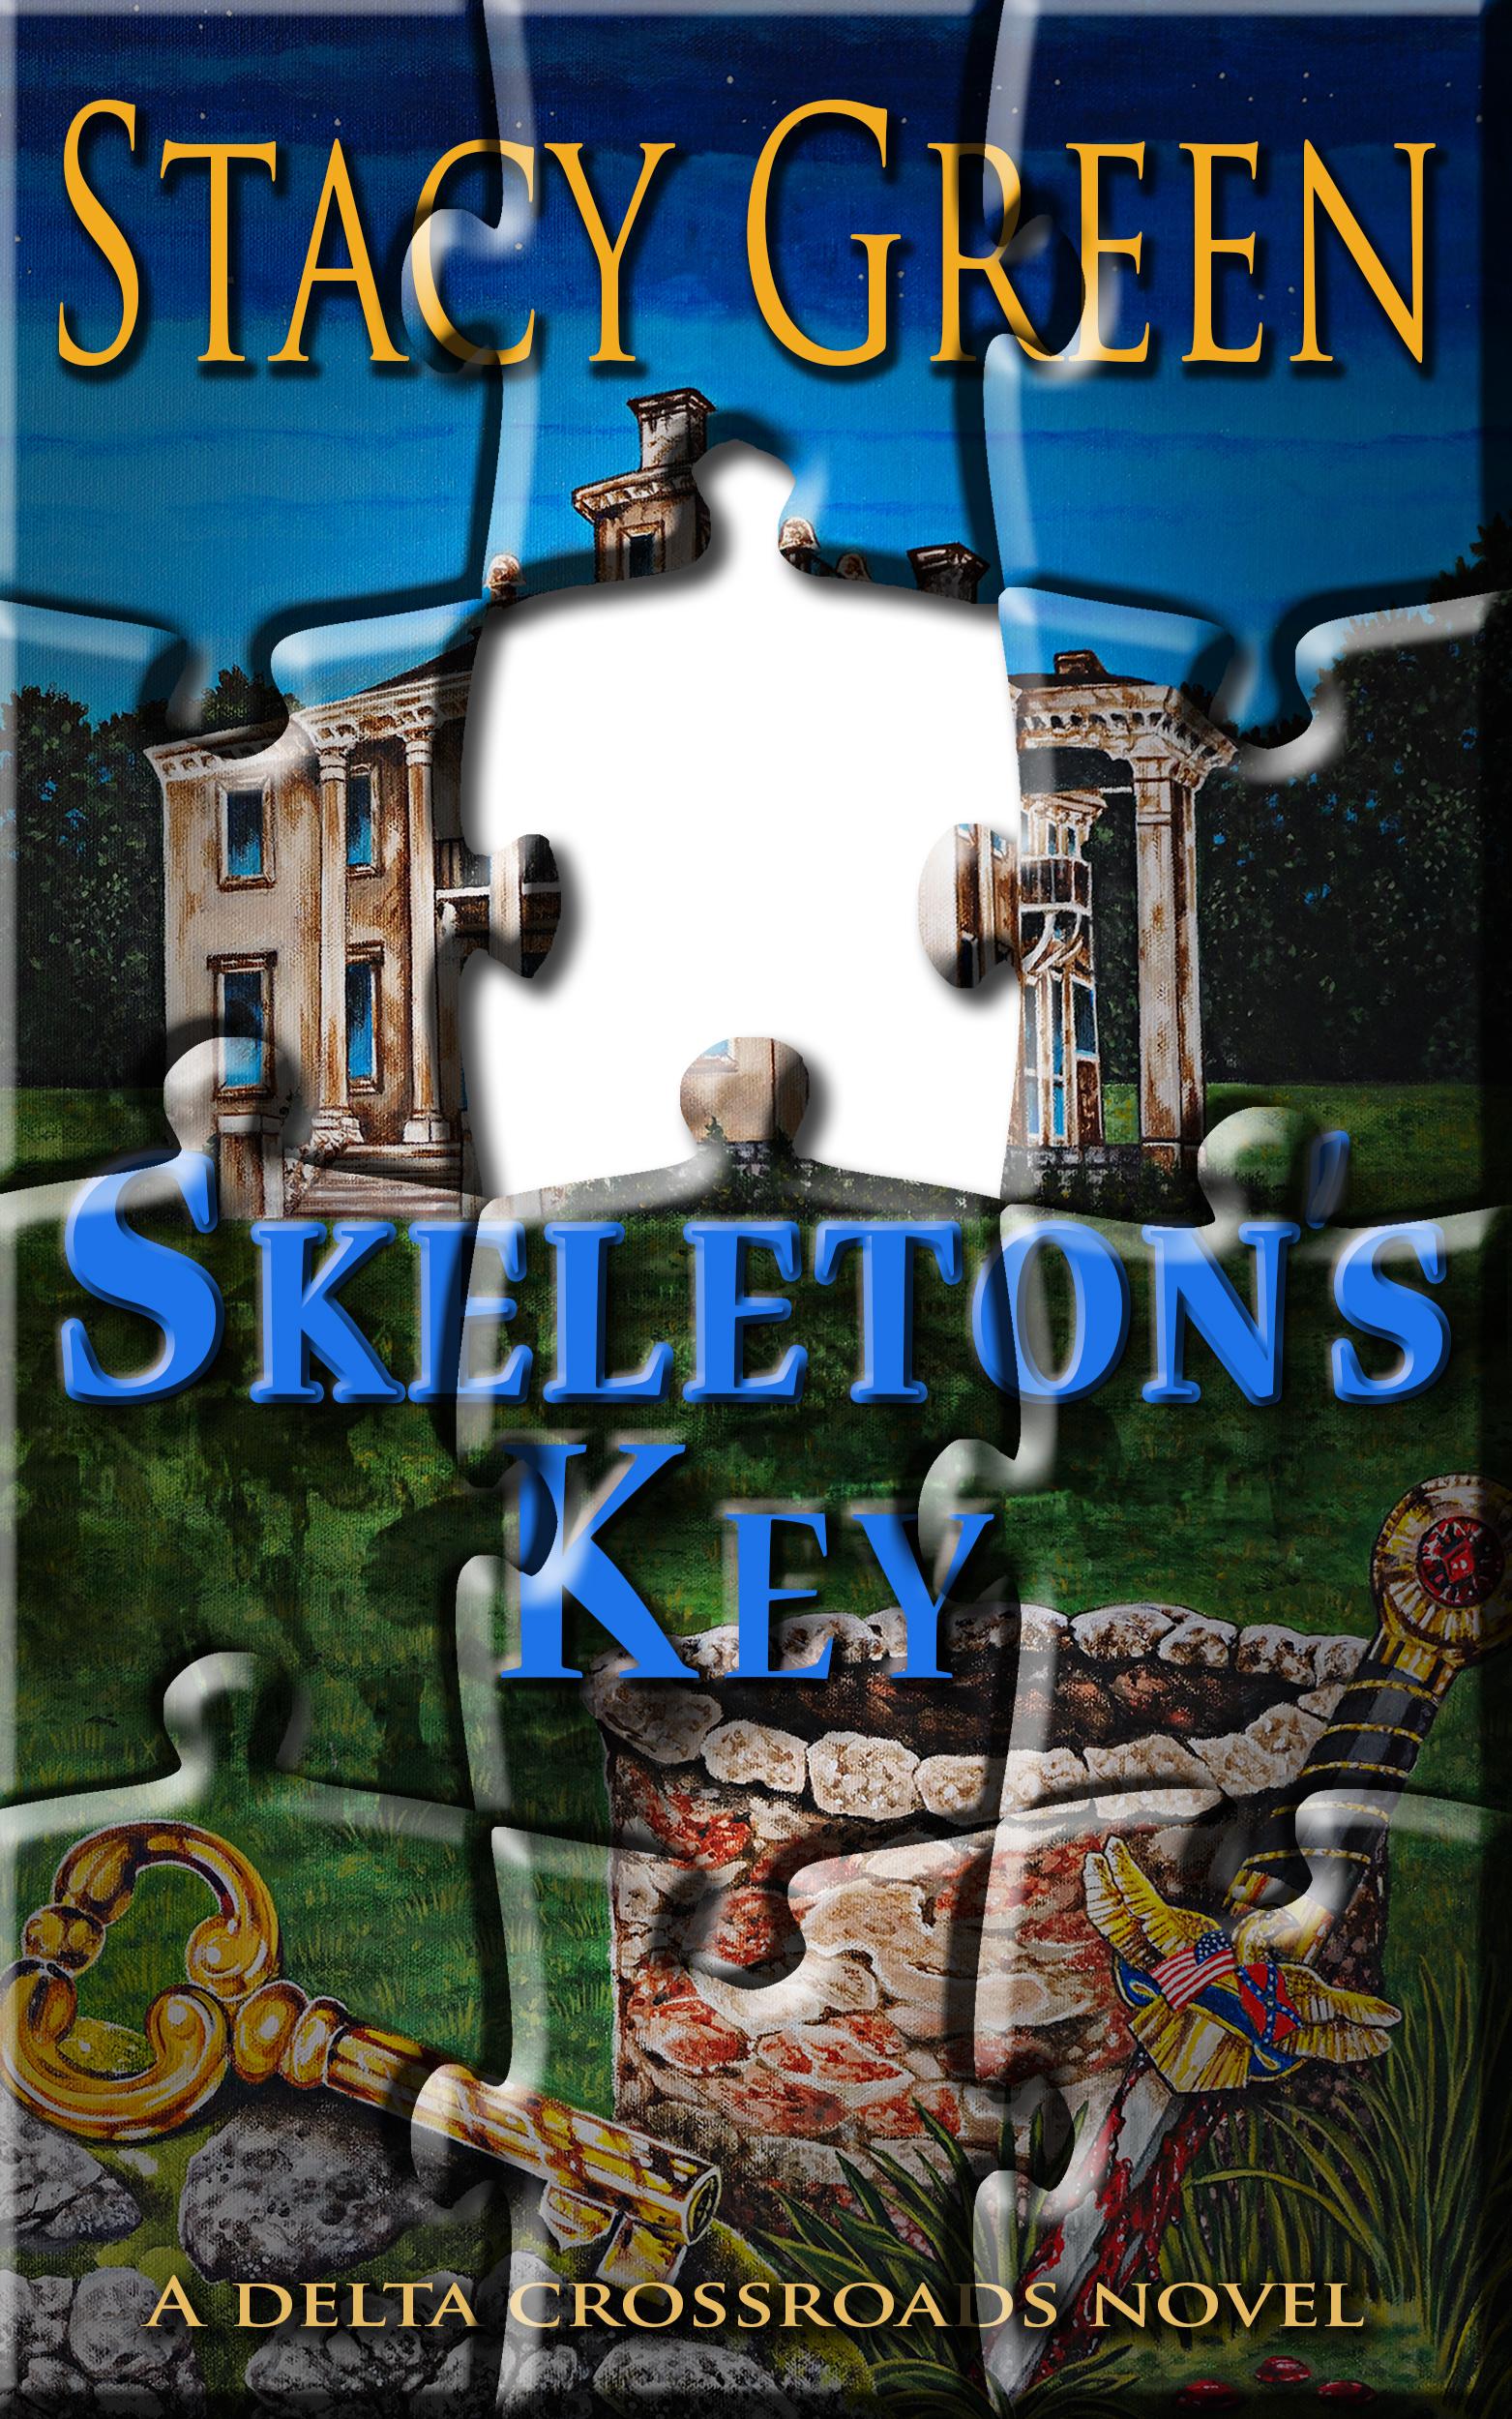 SkeletonsKeyEbookFinalPuzzle11